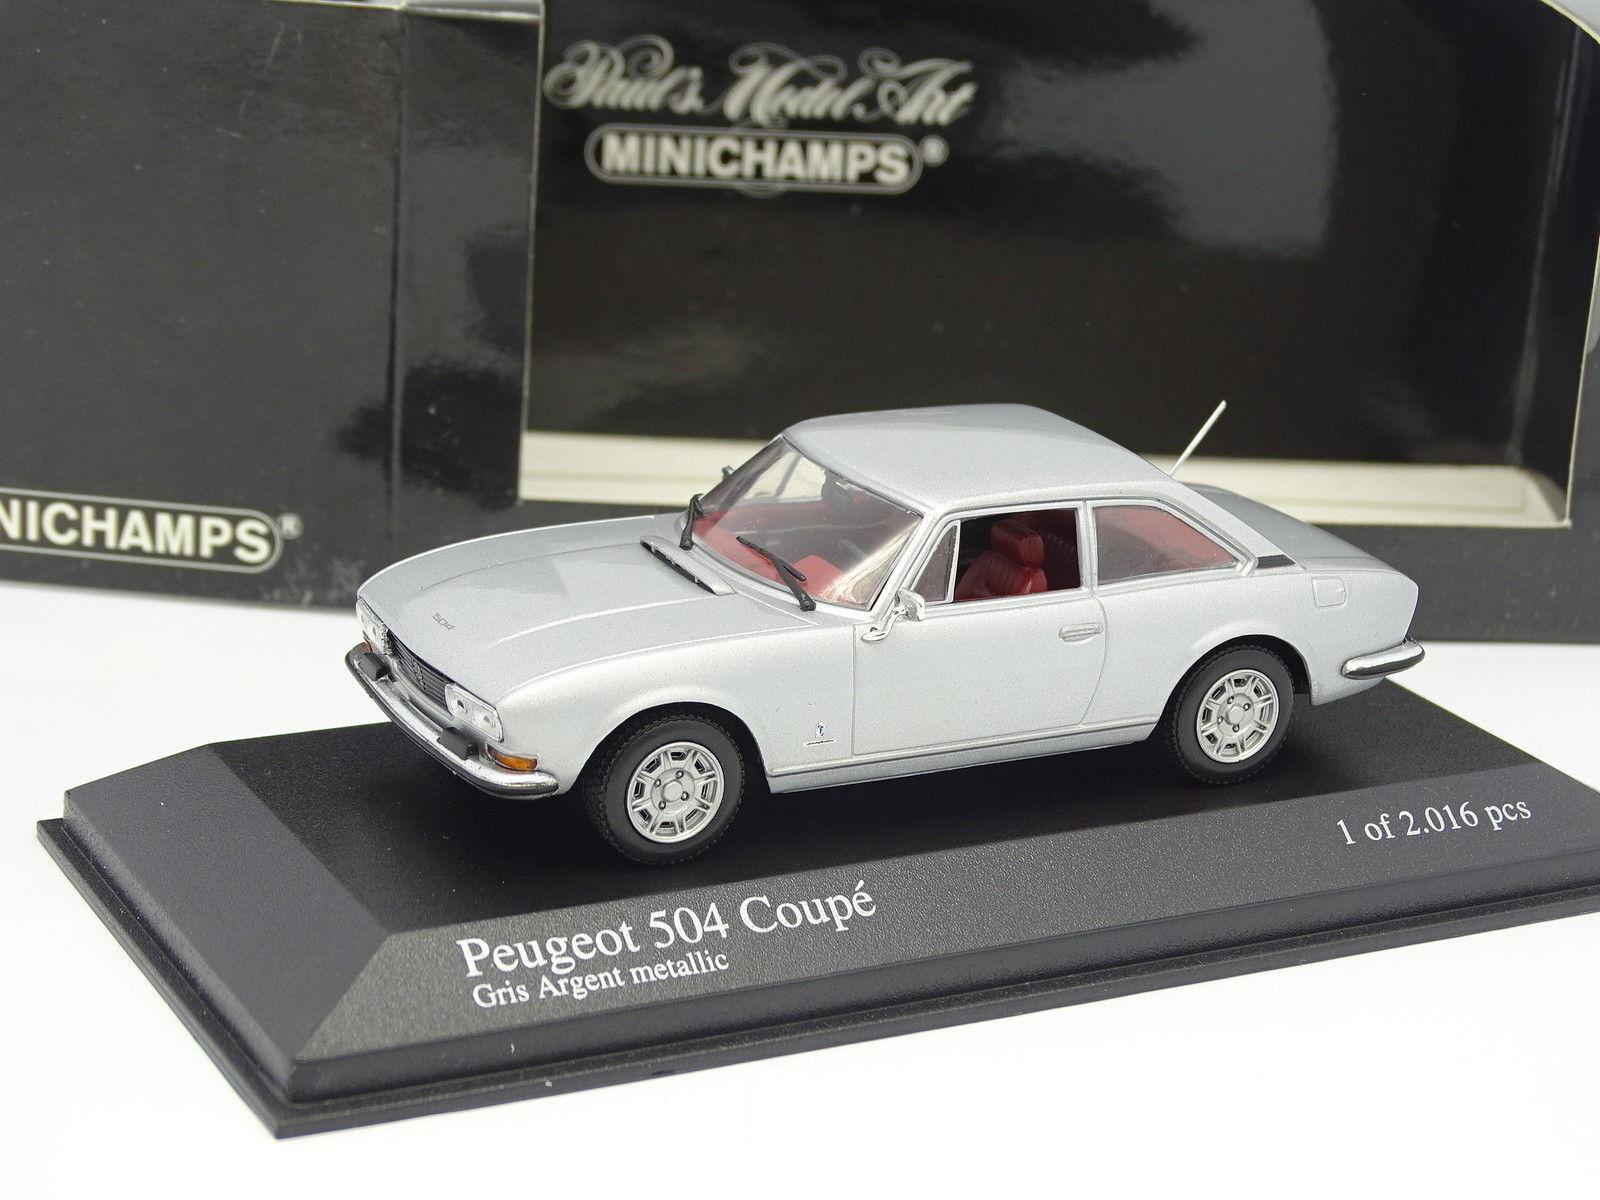 Minichamps 1 43 - Peugeot 504 Coupé silver